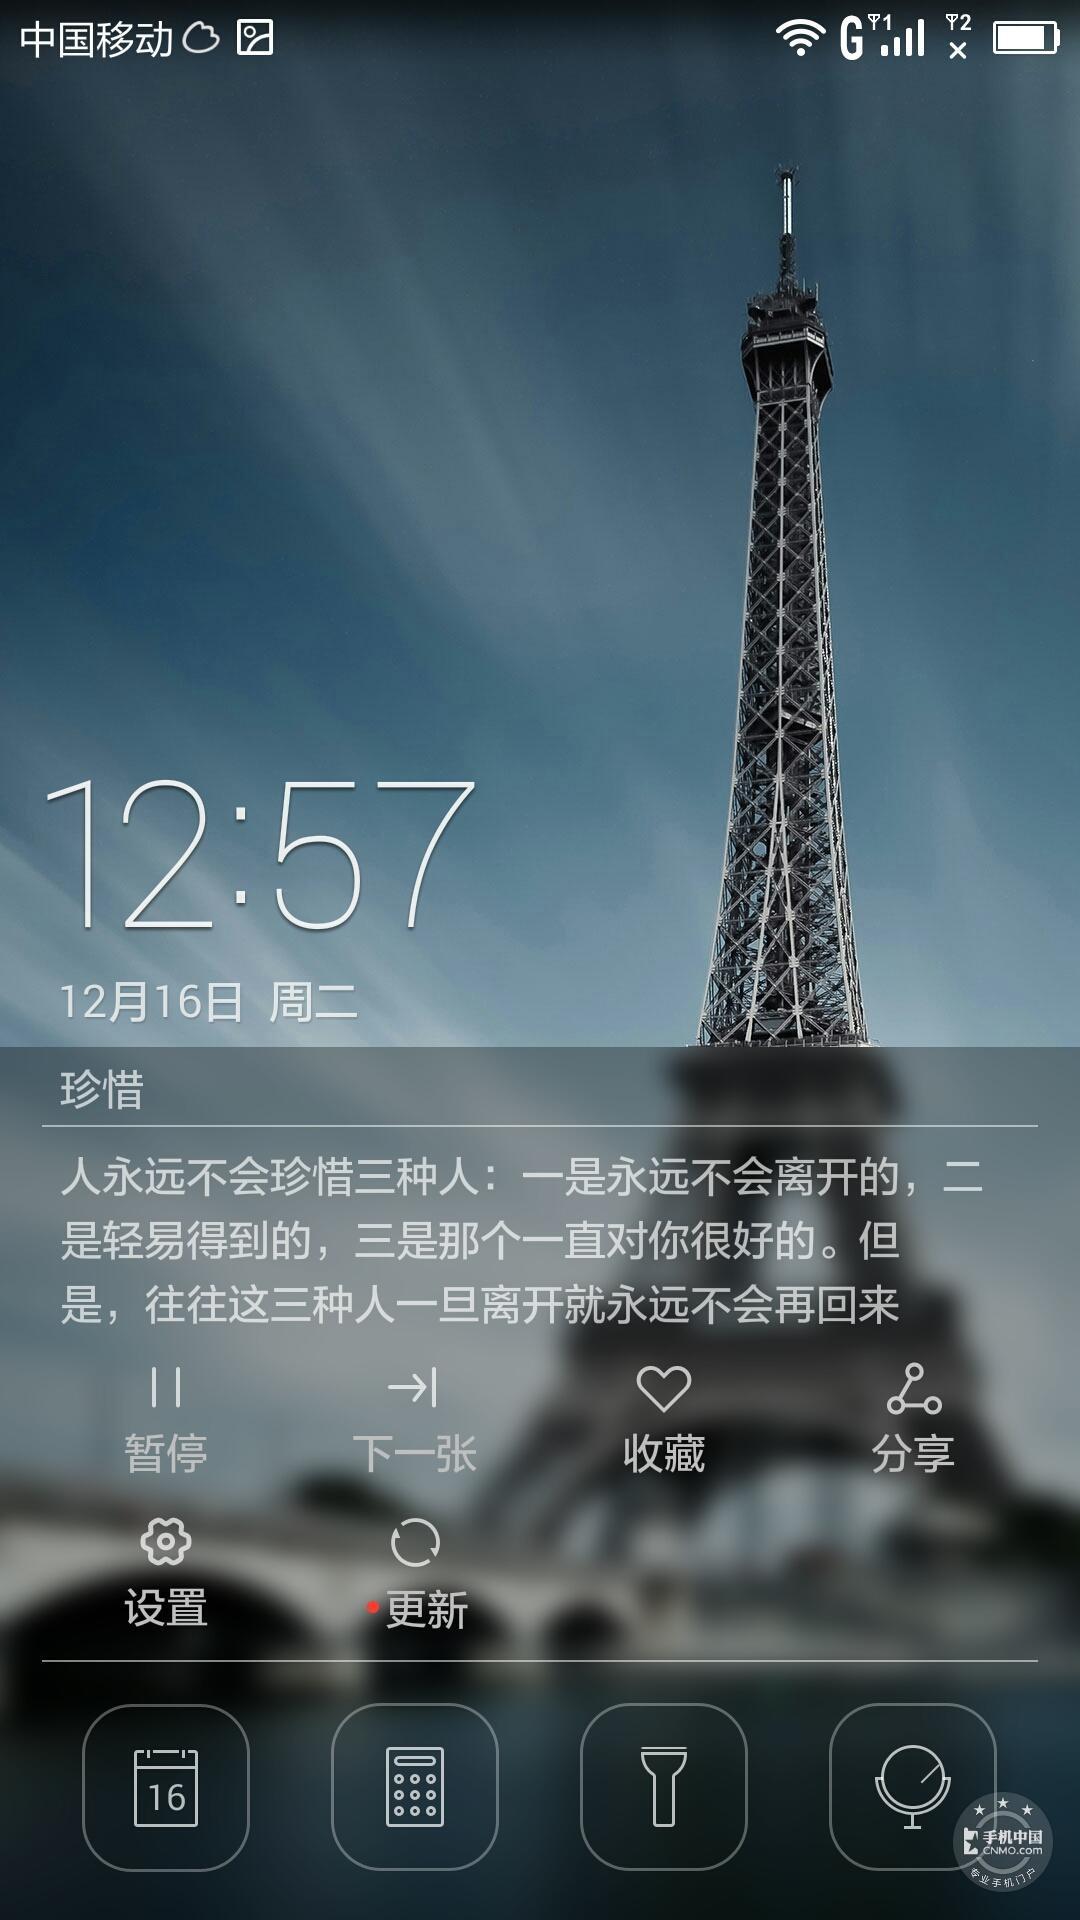 荣耀6Plus(移动4G)手机功能界面第2张